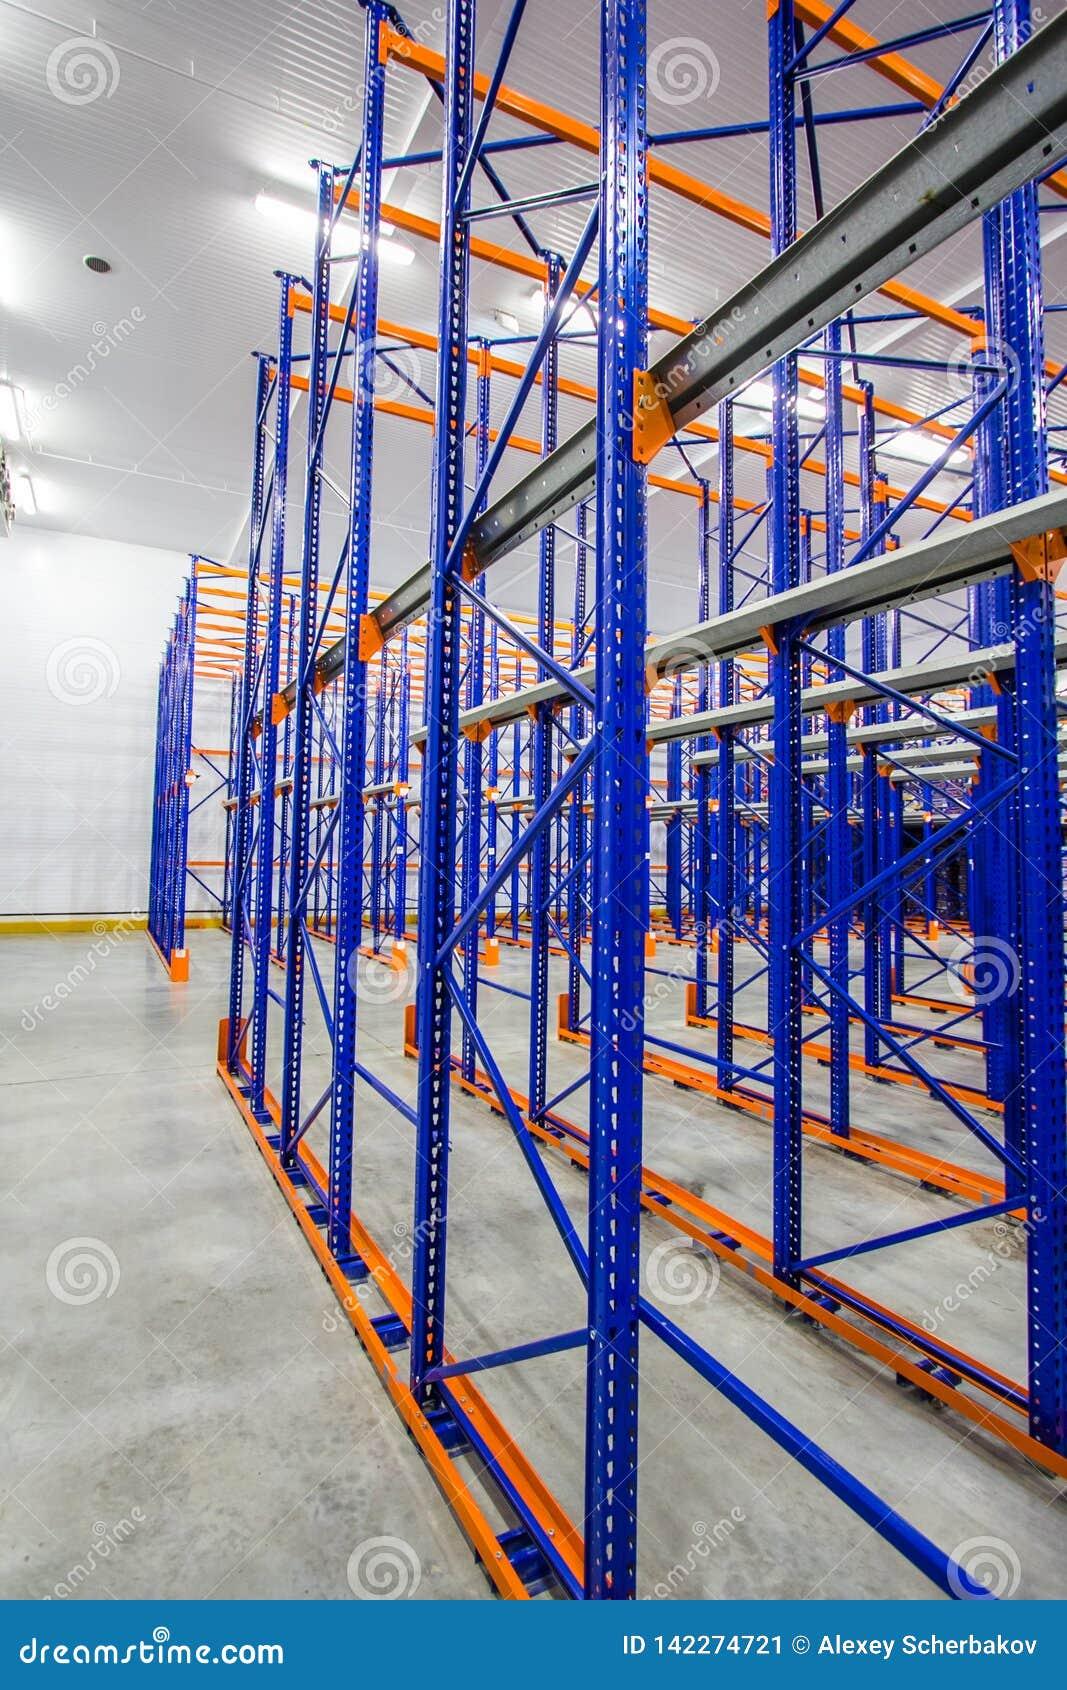 étagères bleues et oranges en métal pour stocker des marchandises dans un grand complexe d entrepôt